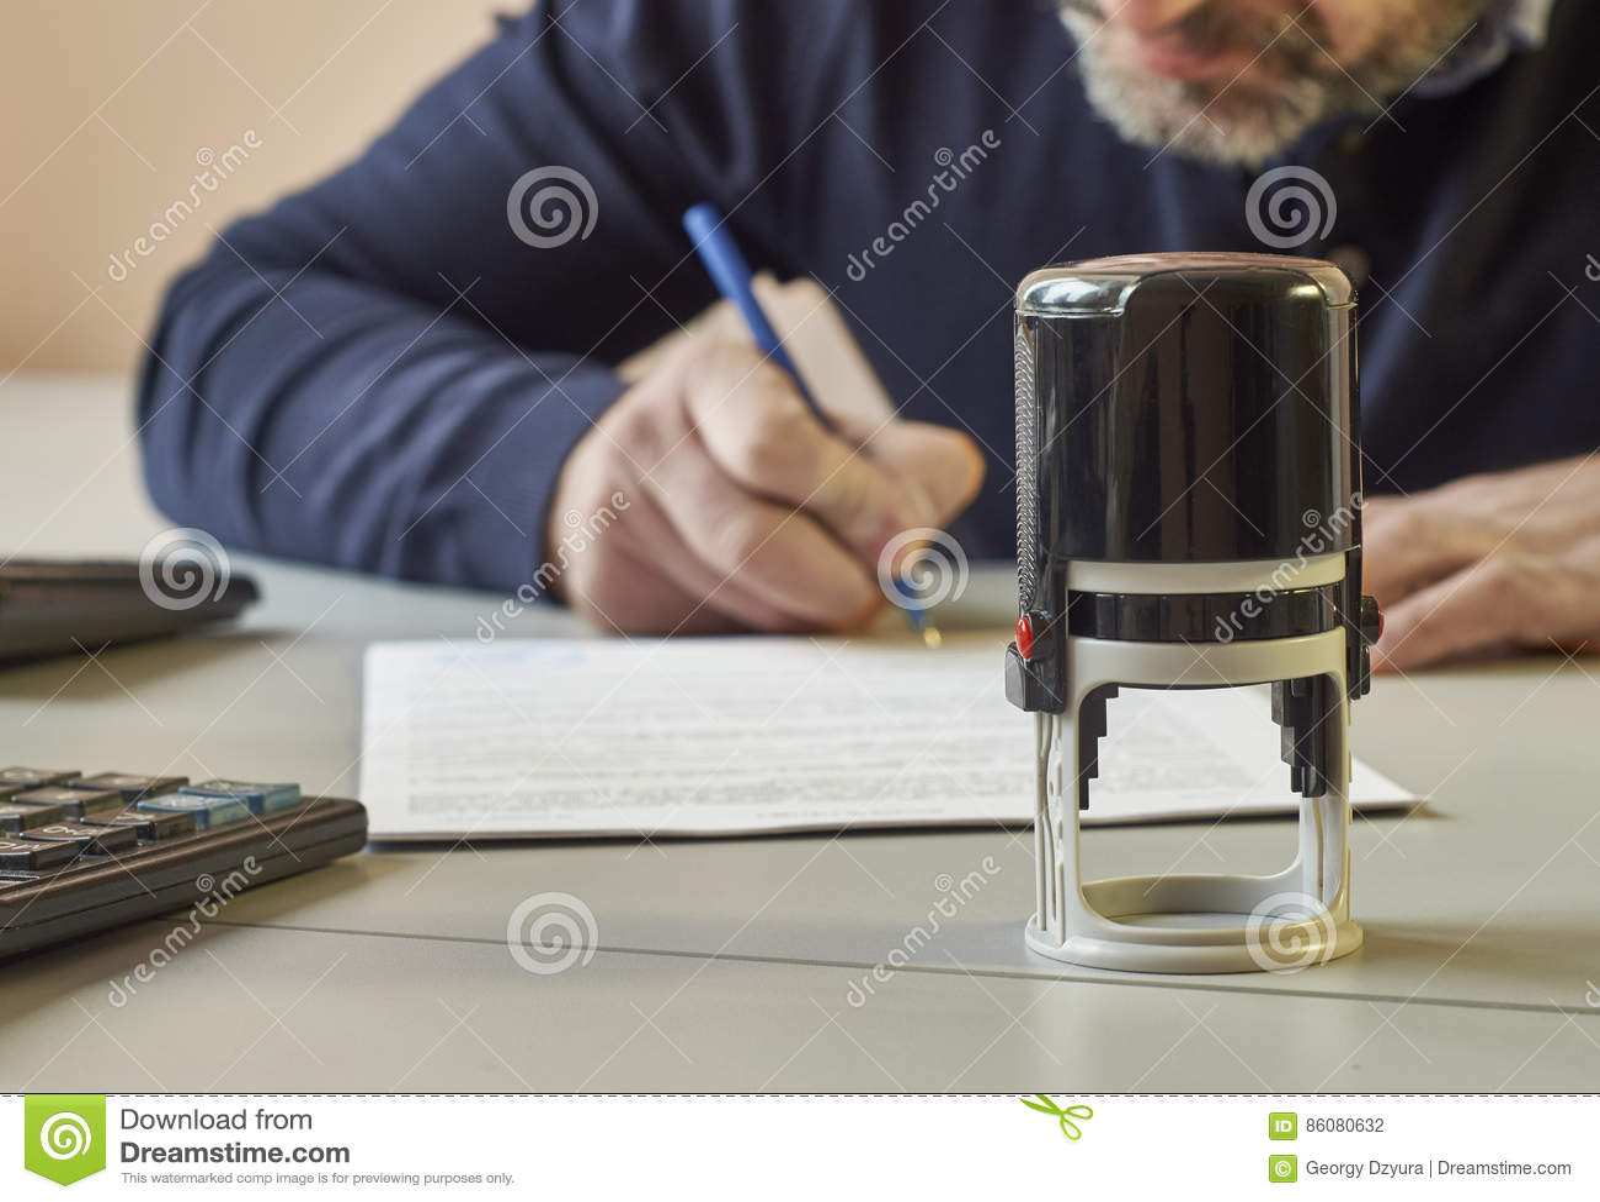 Bärtiger Mann unterzeichnet einen Vertrag